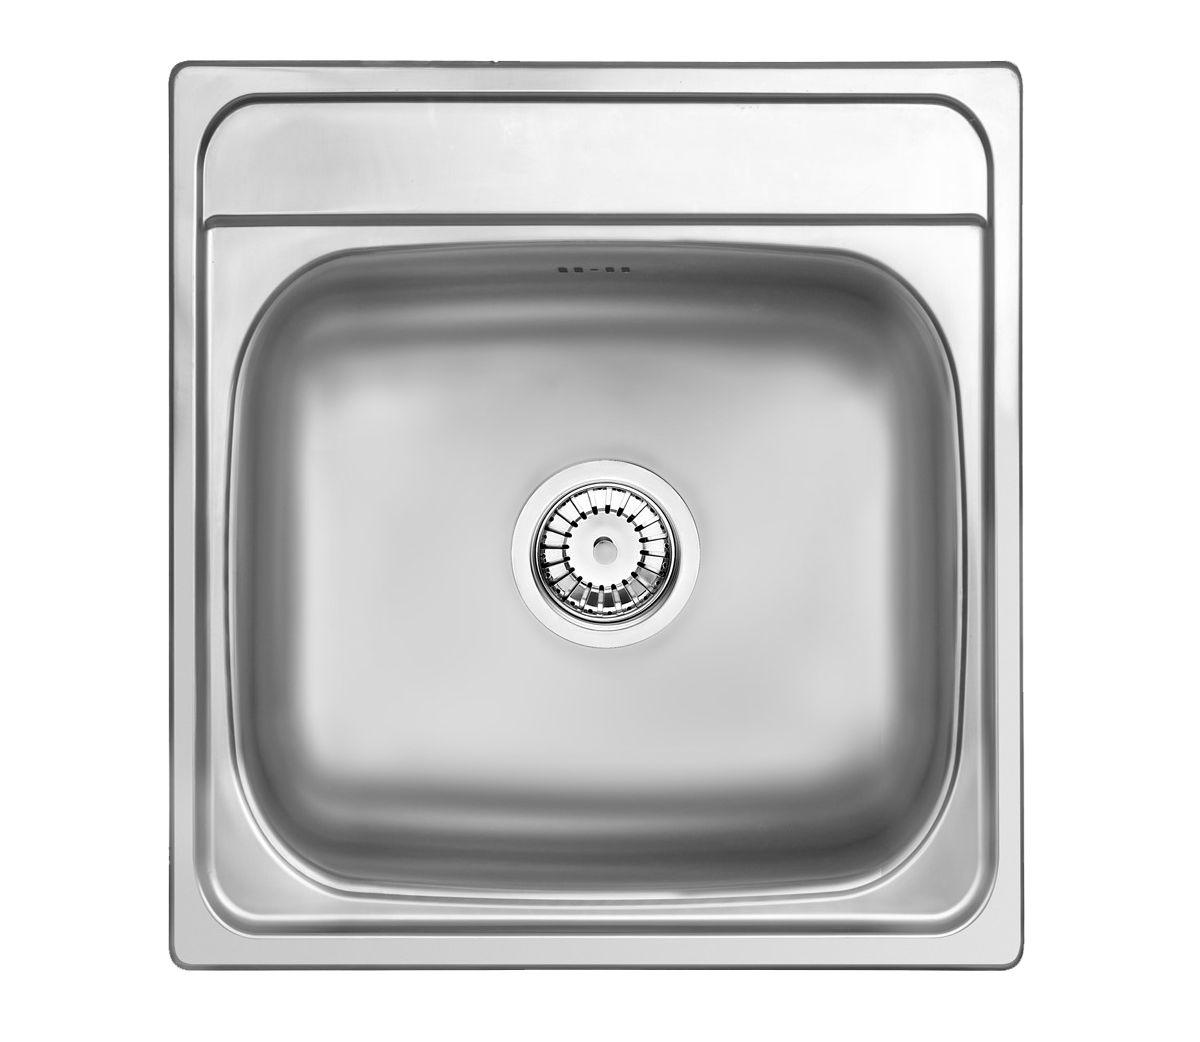 De Mercato Kitchen Stainless Steel Sinks Undermount Stainless